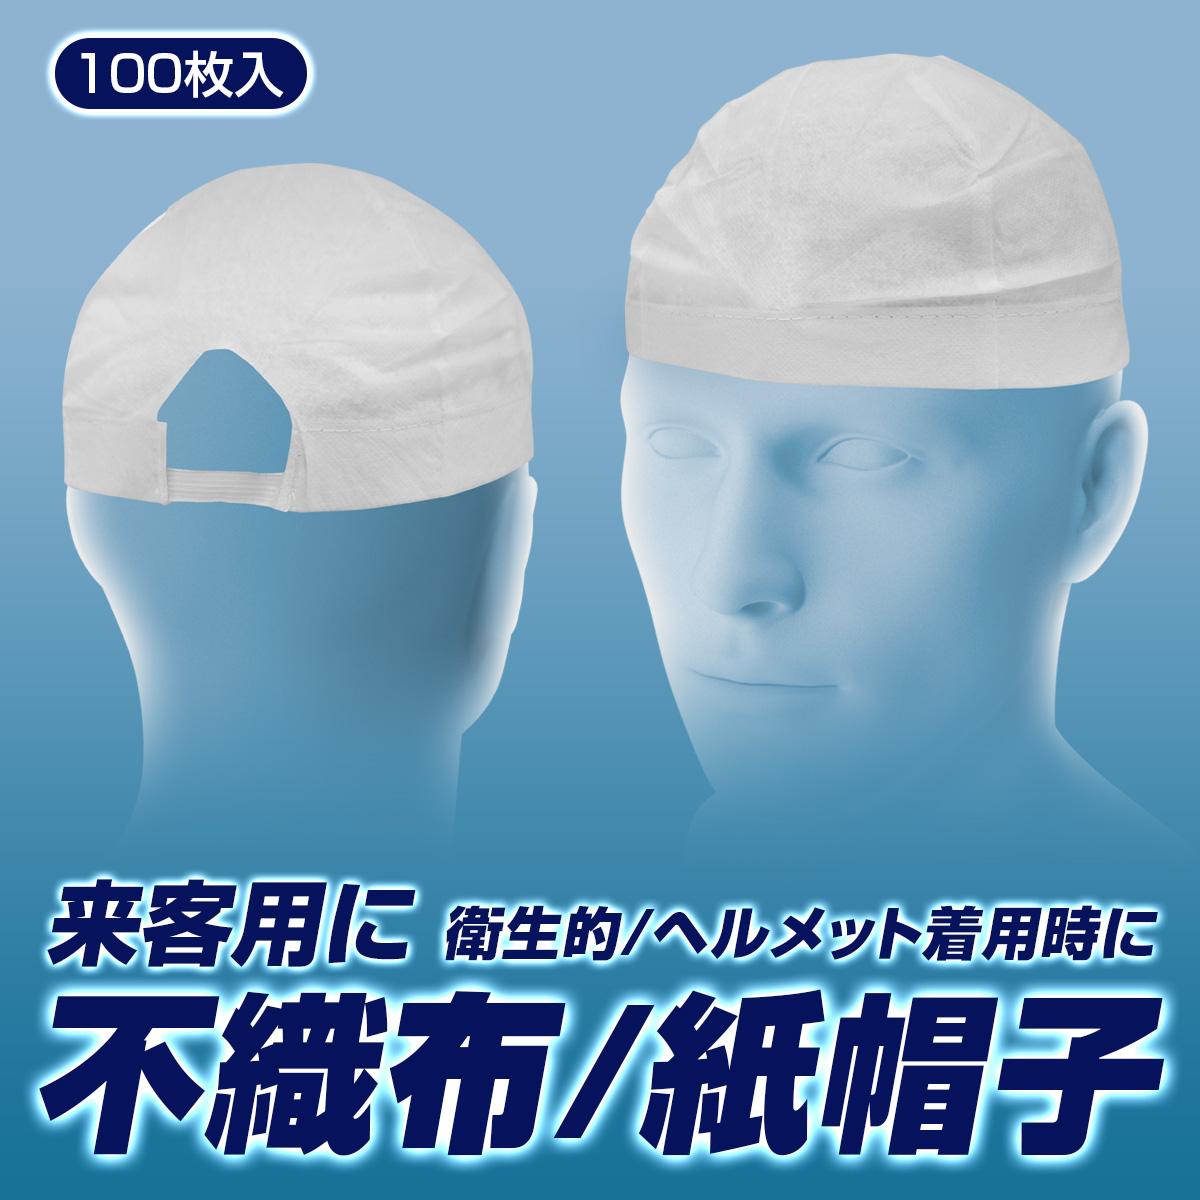 ラビン不織布帽子100枚入り